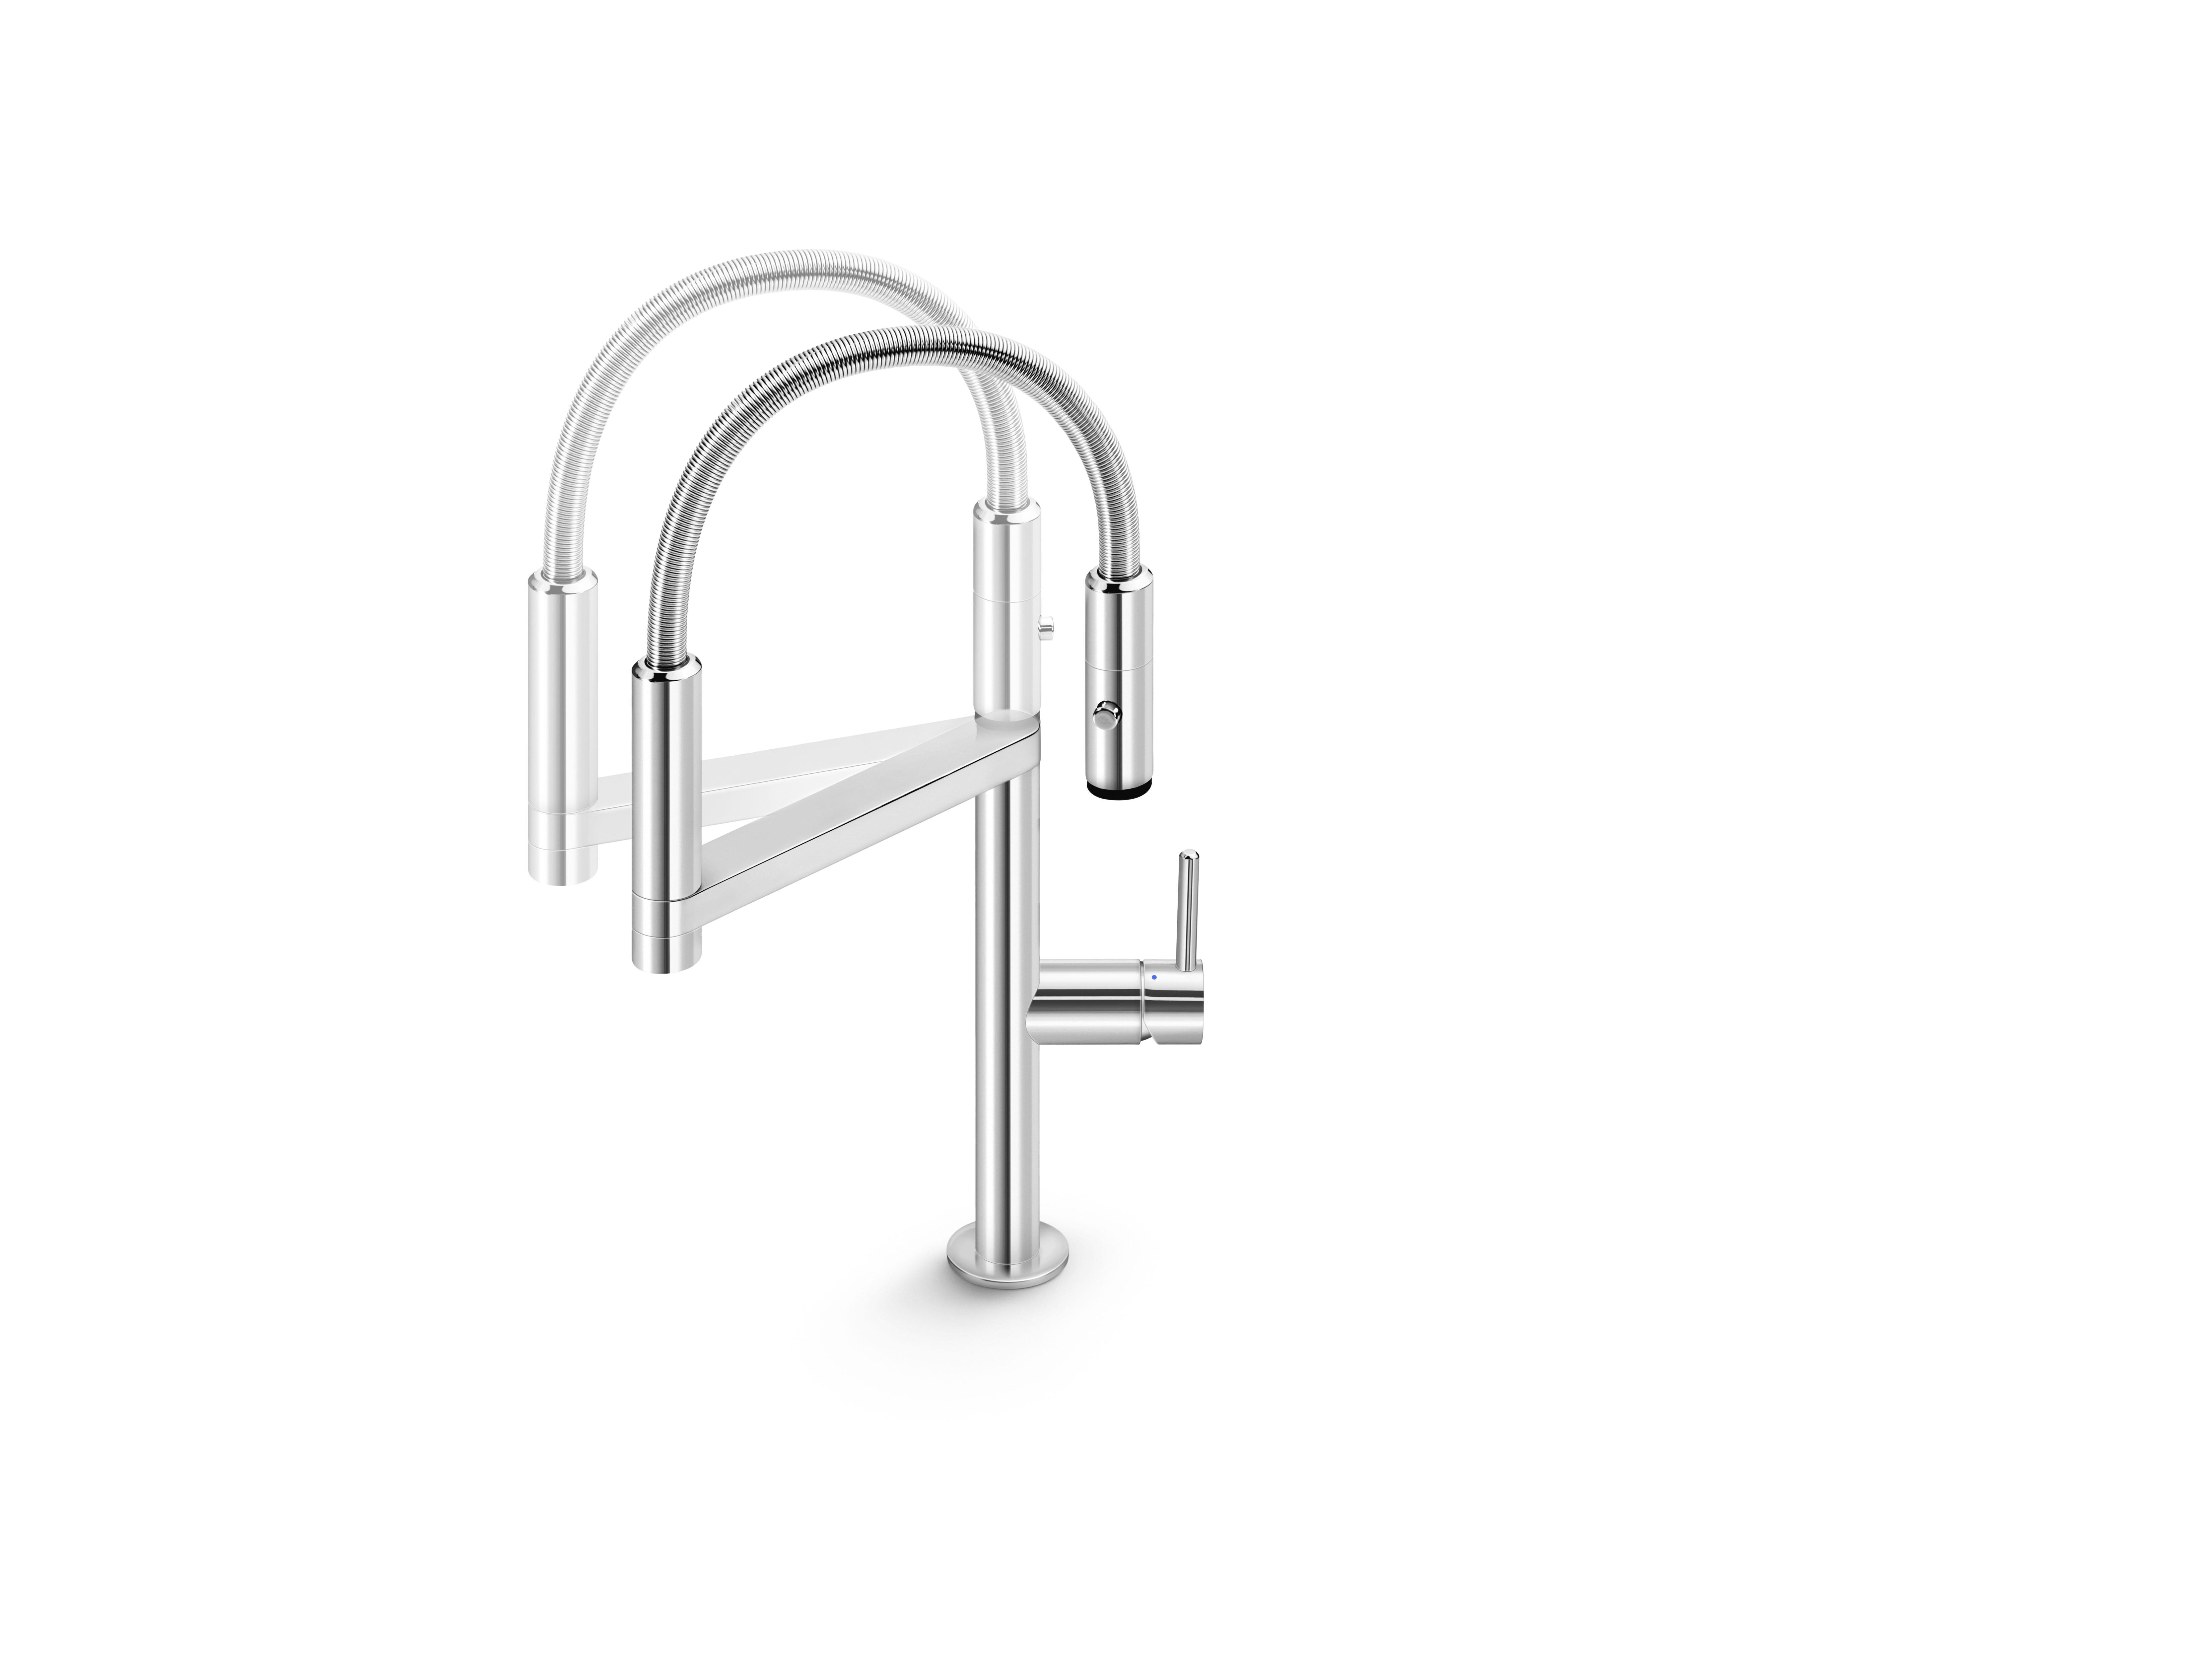 nobili-rubinetterie-miscelatore-cucina-move-design-marco-venzano-9